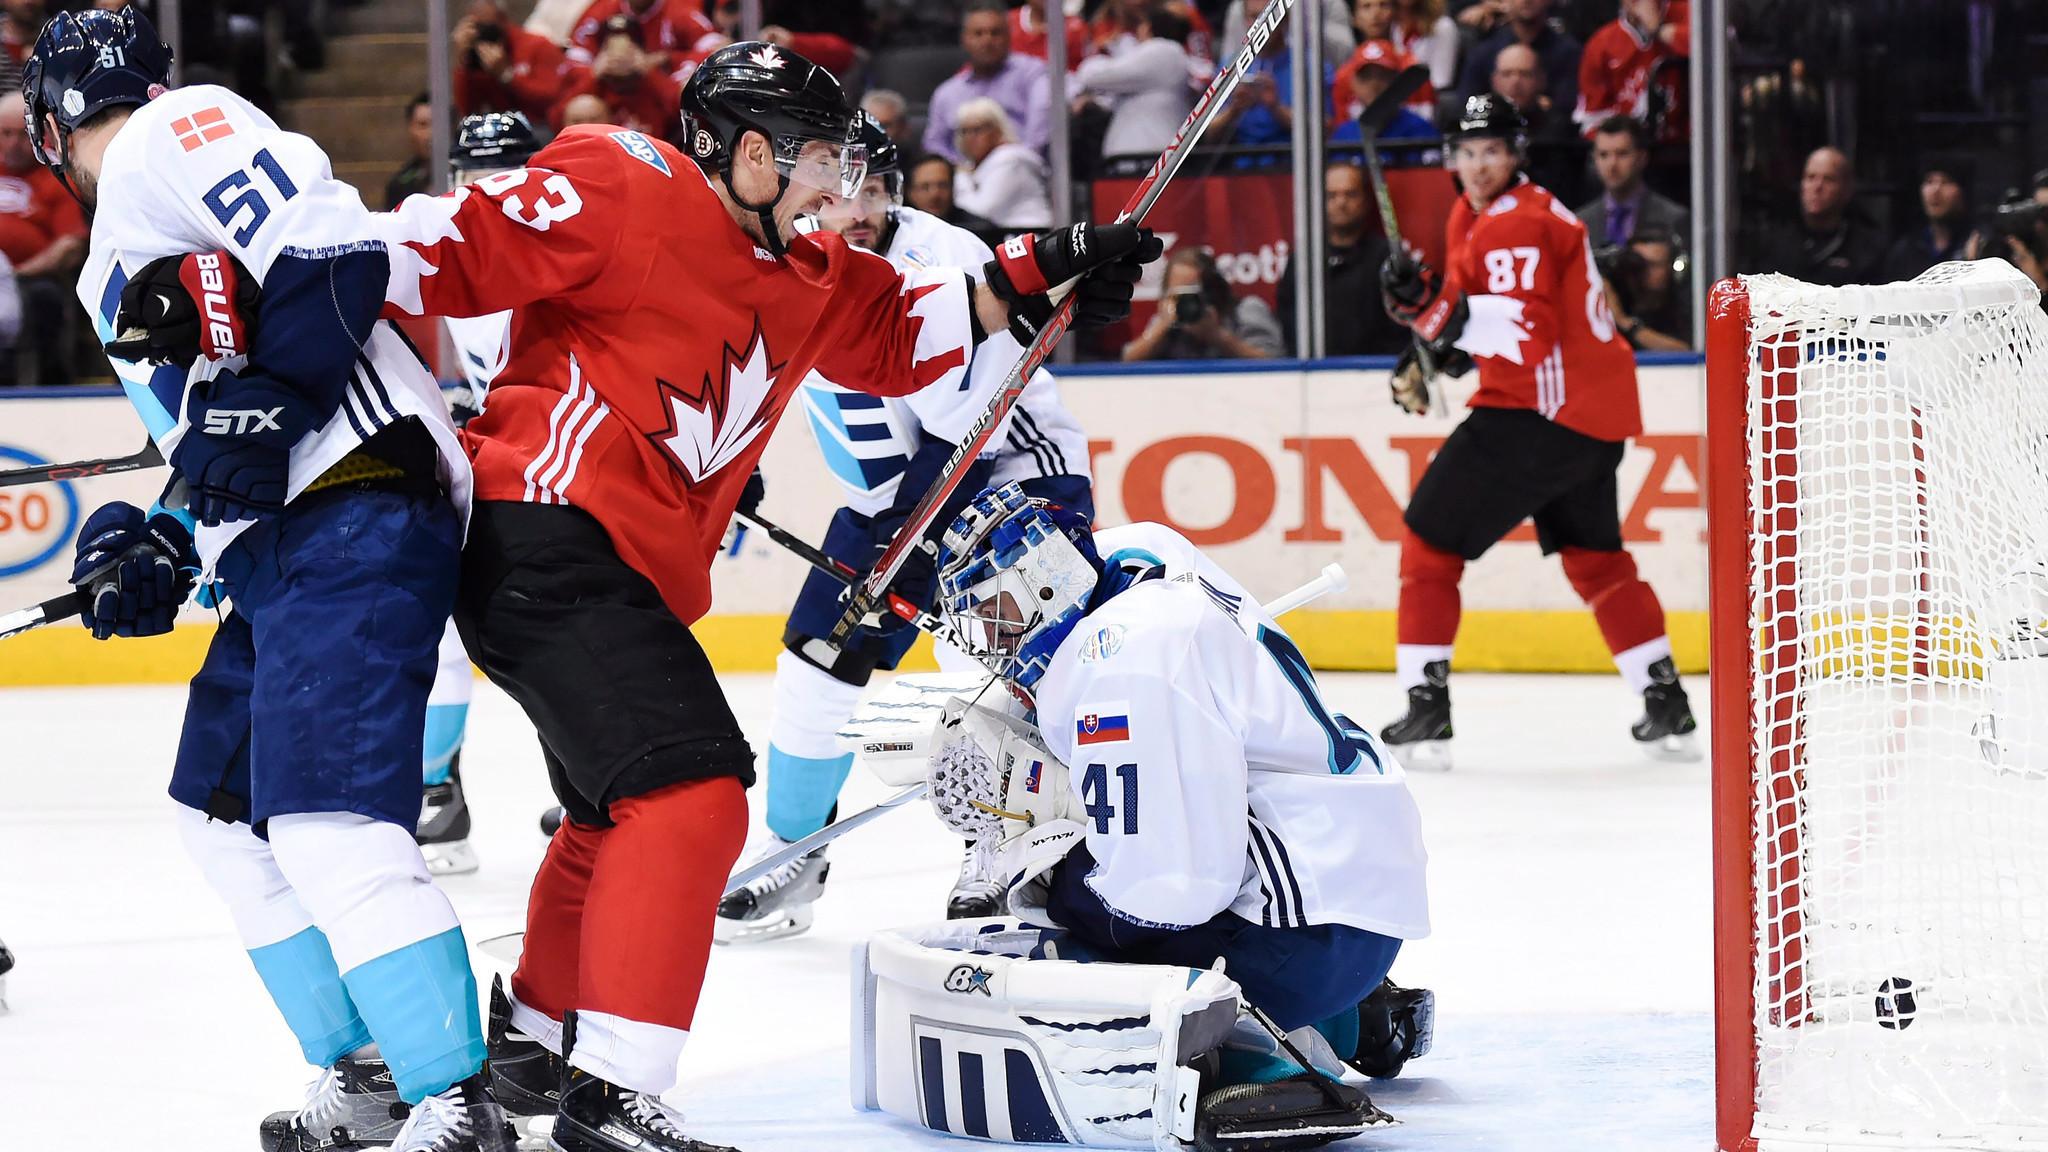 La-sp-sn-world-cup-hockey-canada-20160929-snap